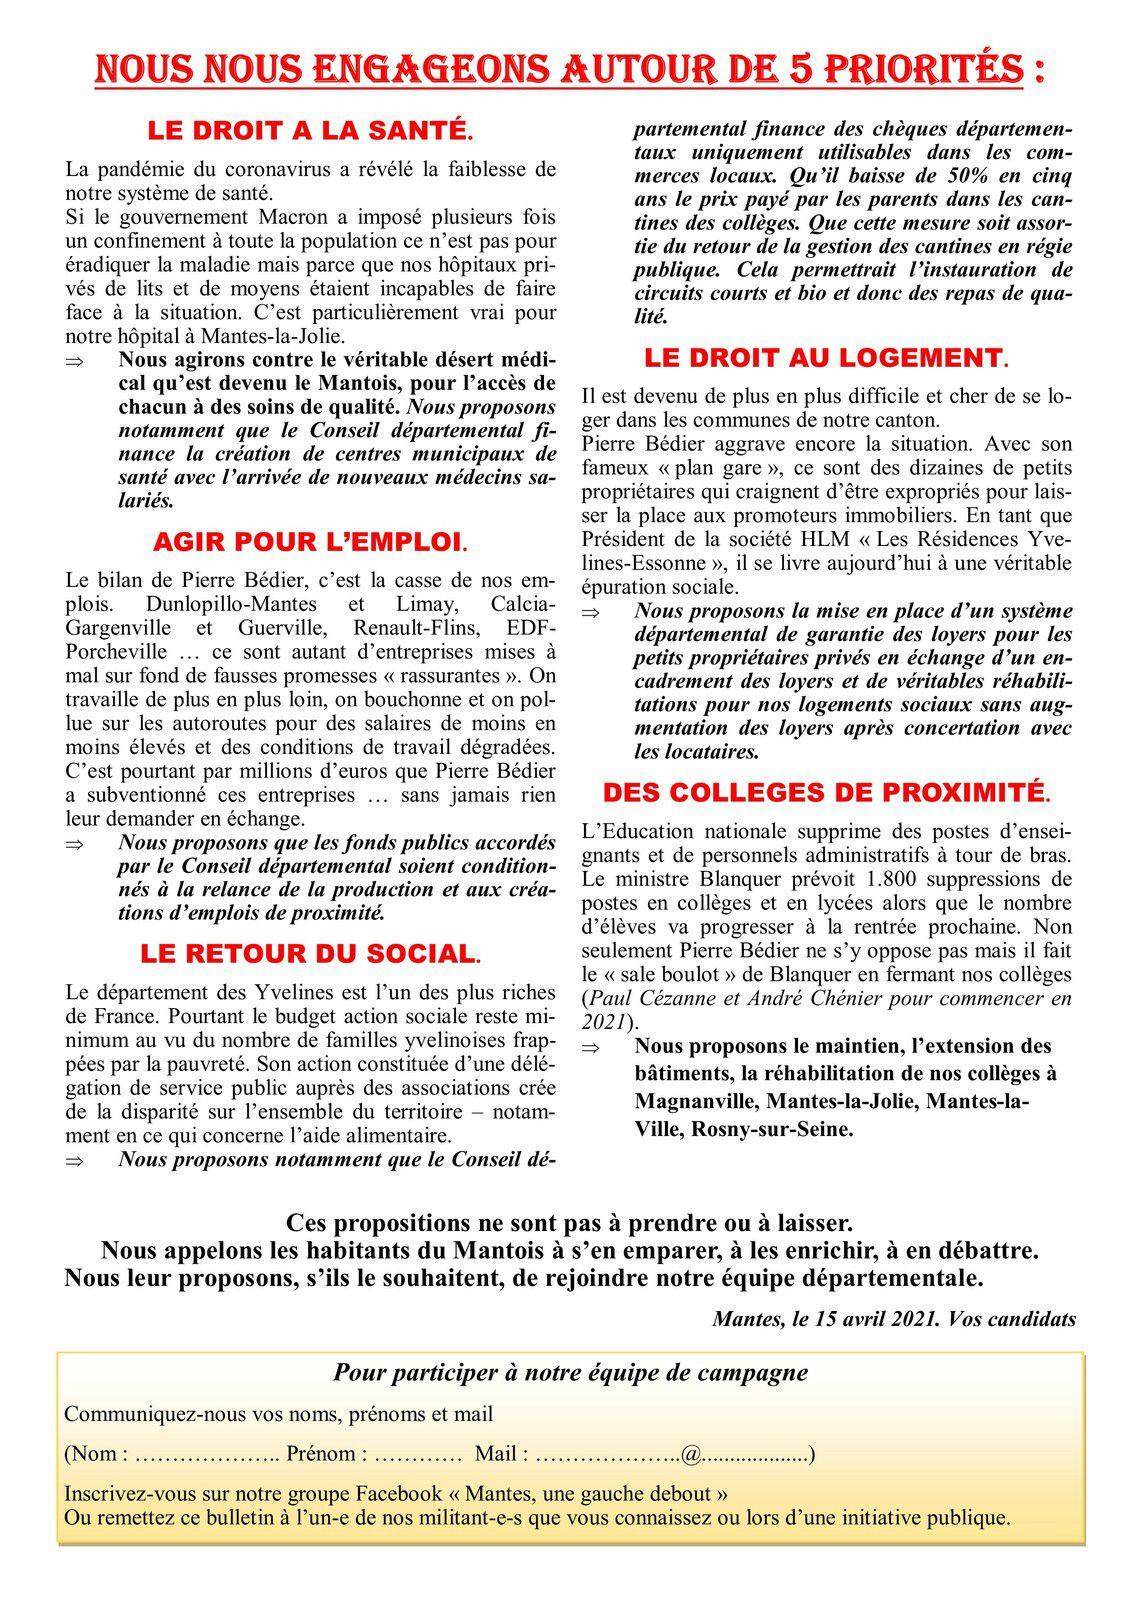 Canton de Mantes. Elections départementales 2021. Une gauche debout